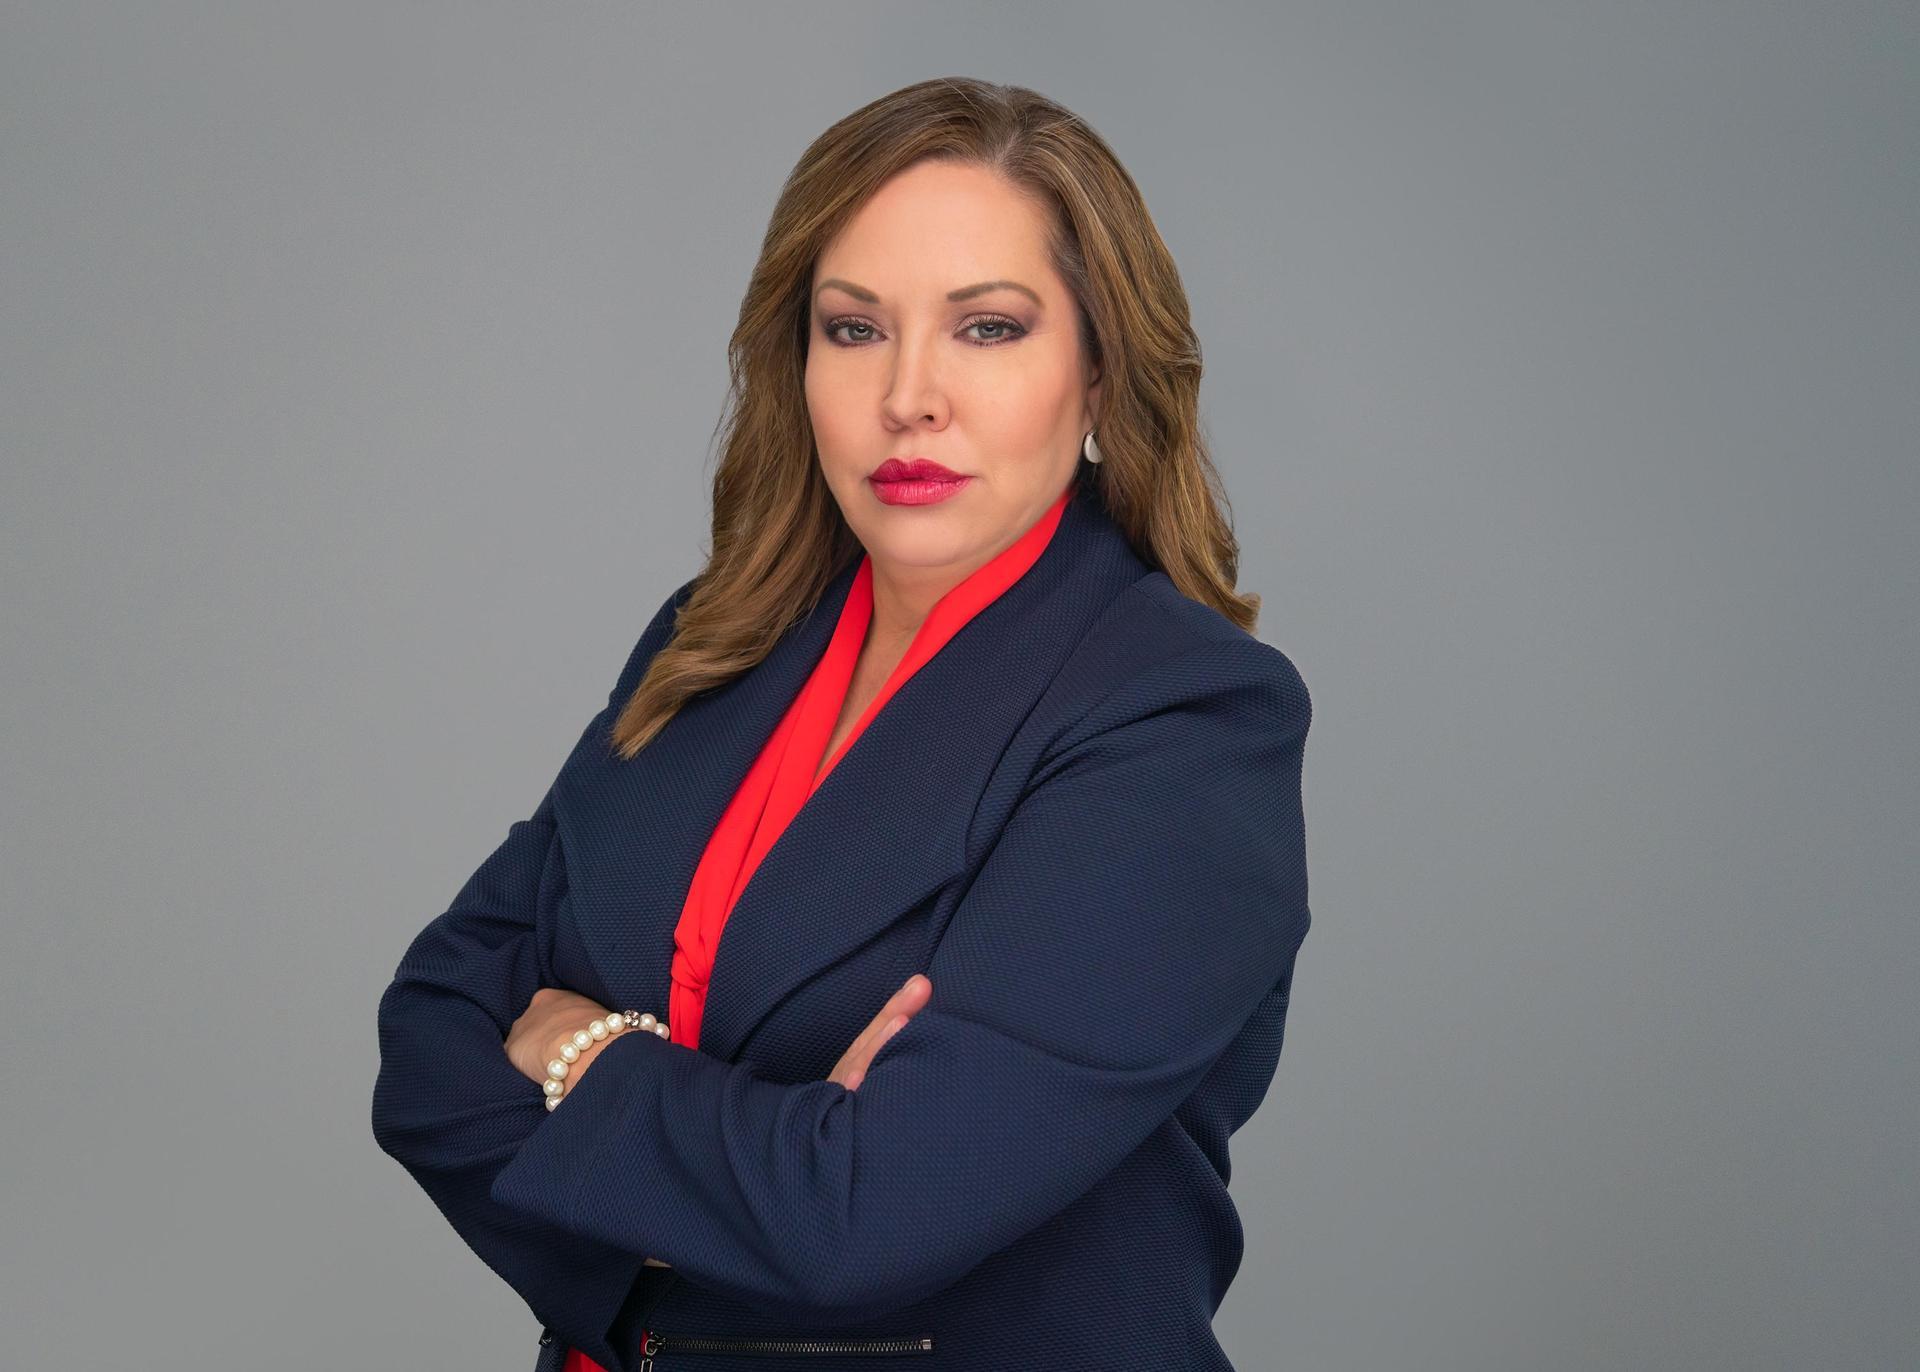 Sherry Segura